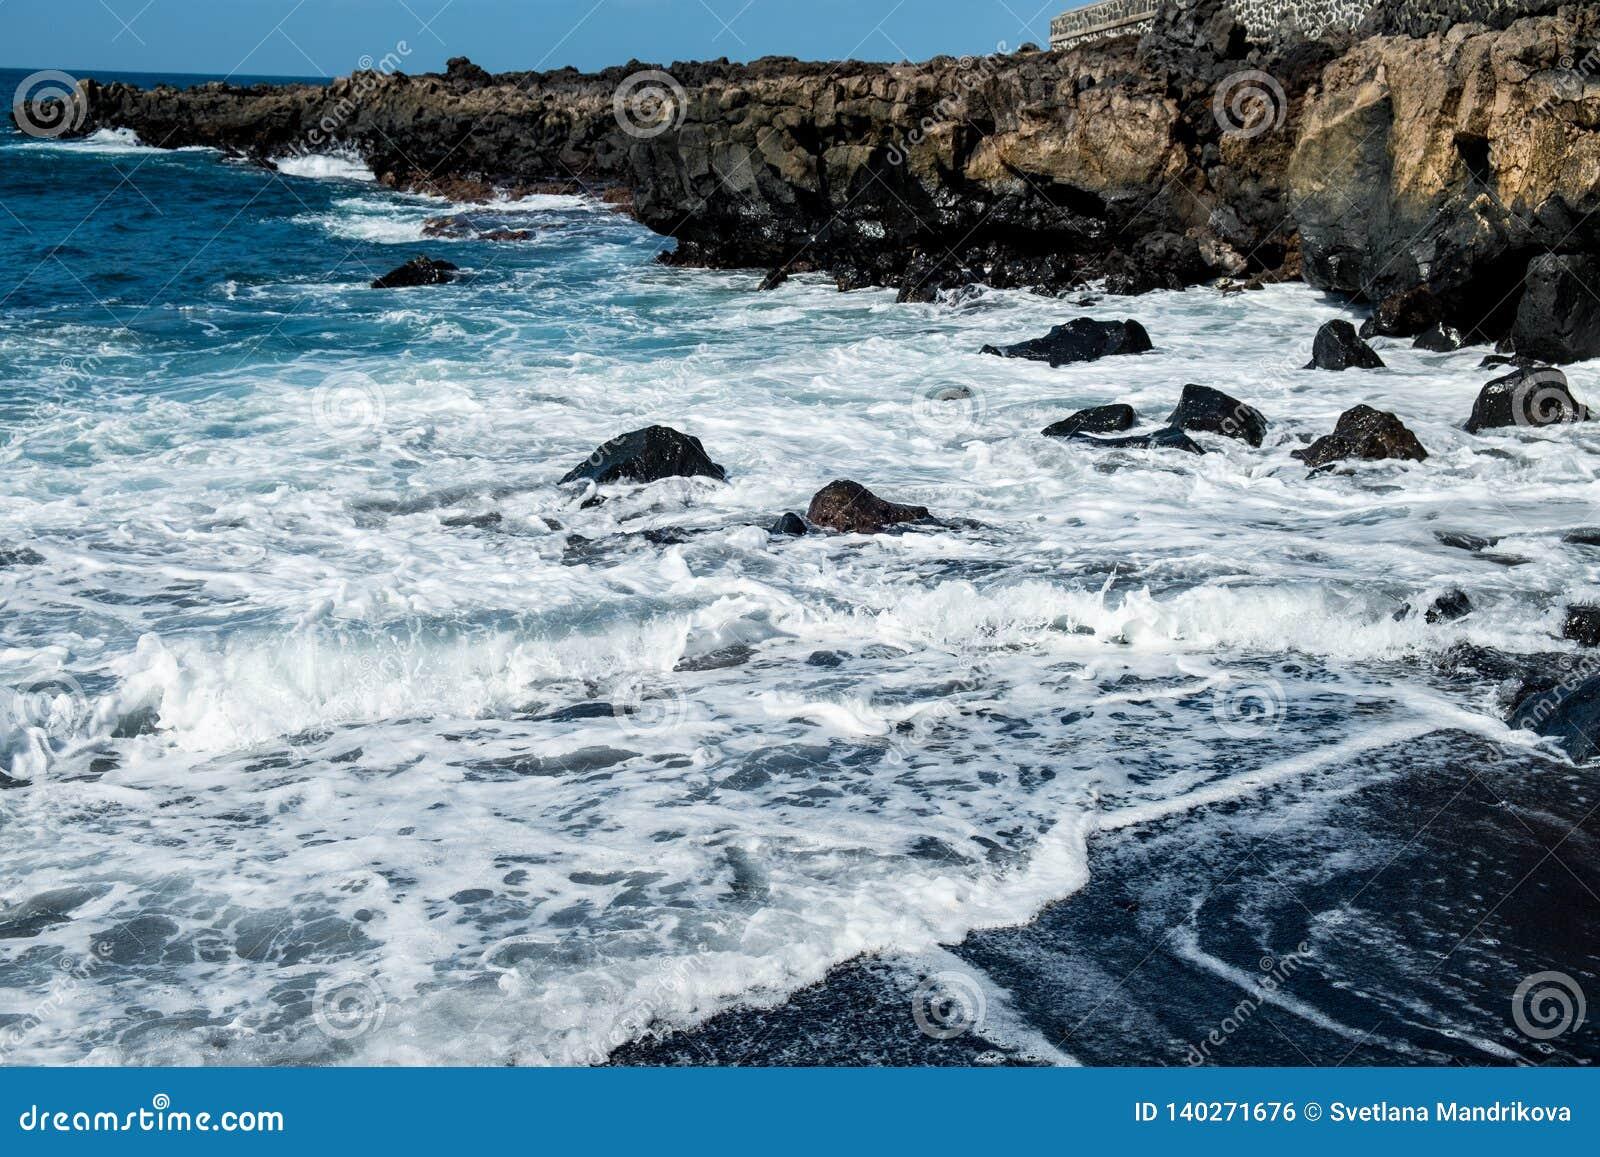 Όμορφη άποψη σχετικά με το ωκεάνιο νερό και τη μαύρη άμμο λάβας